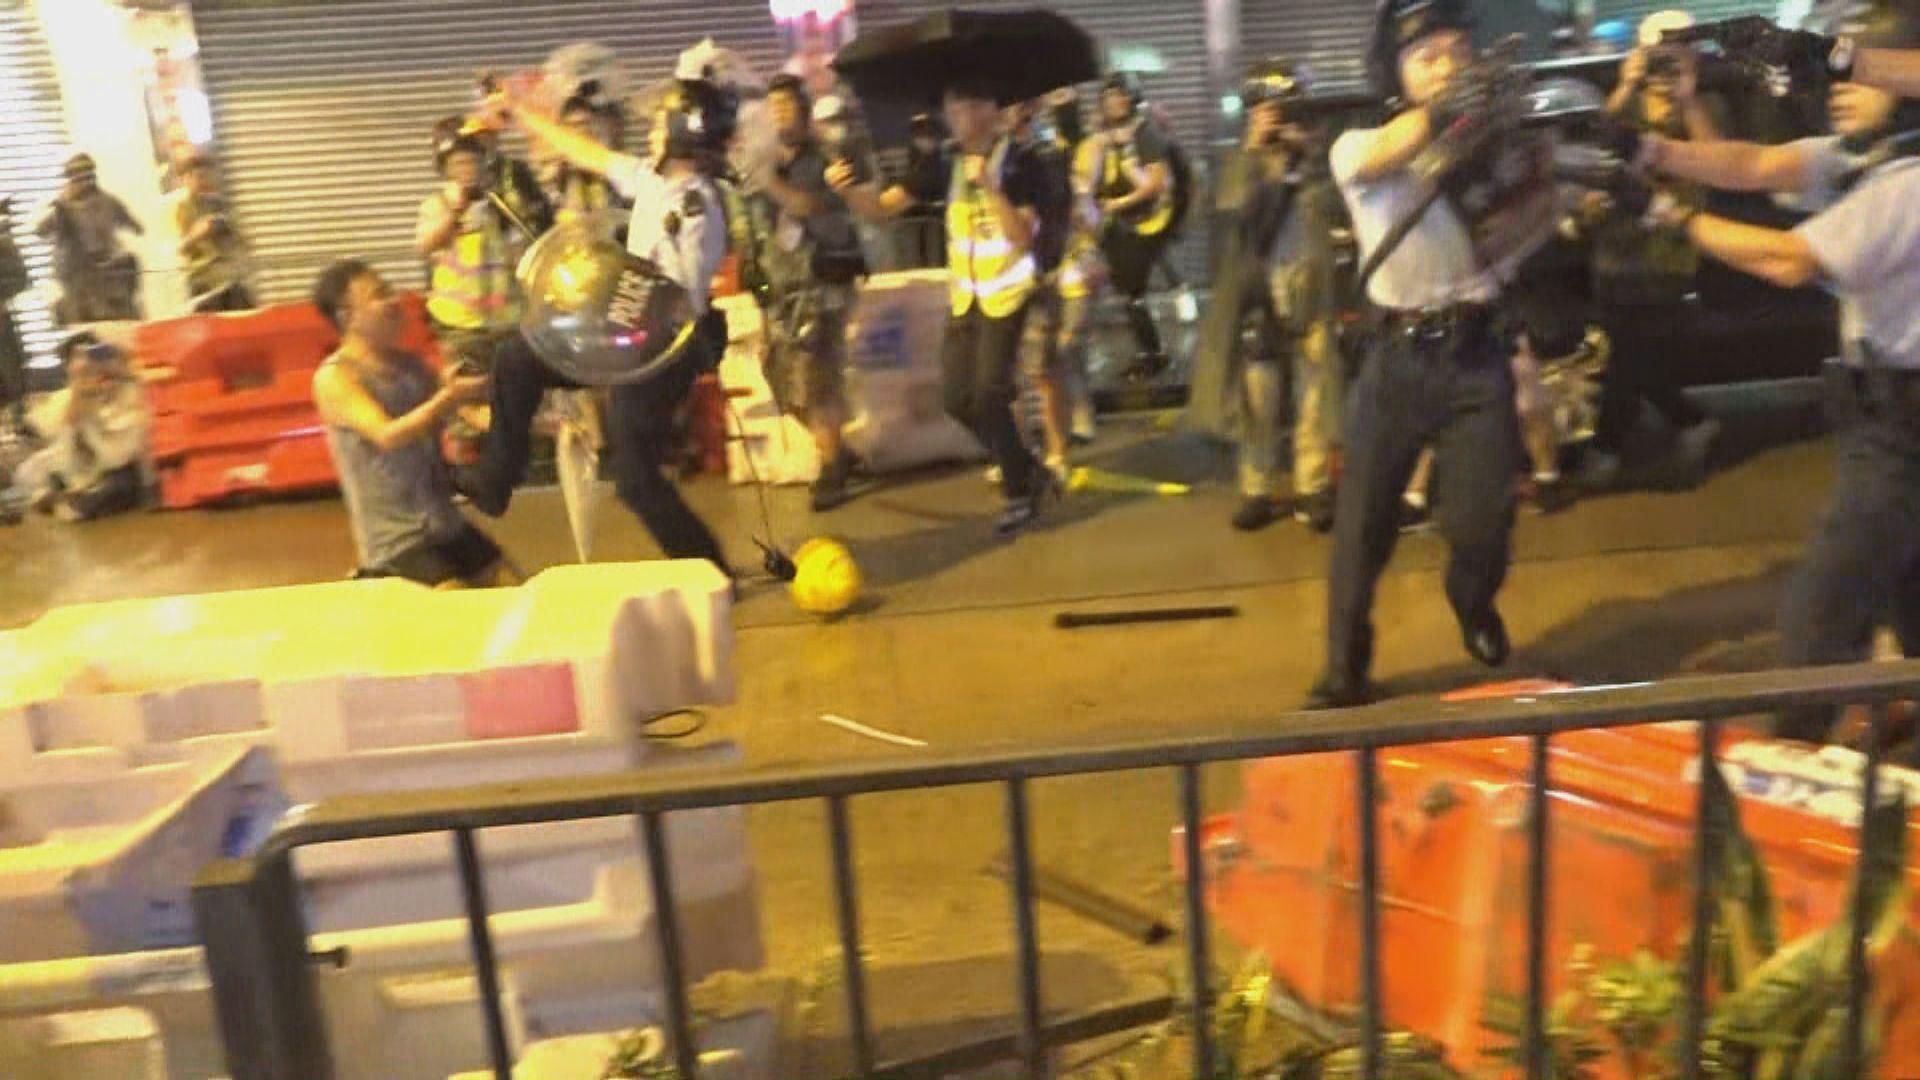 示威者二陂坊破壞 警方承認曾經開過一槍